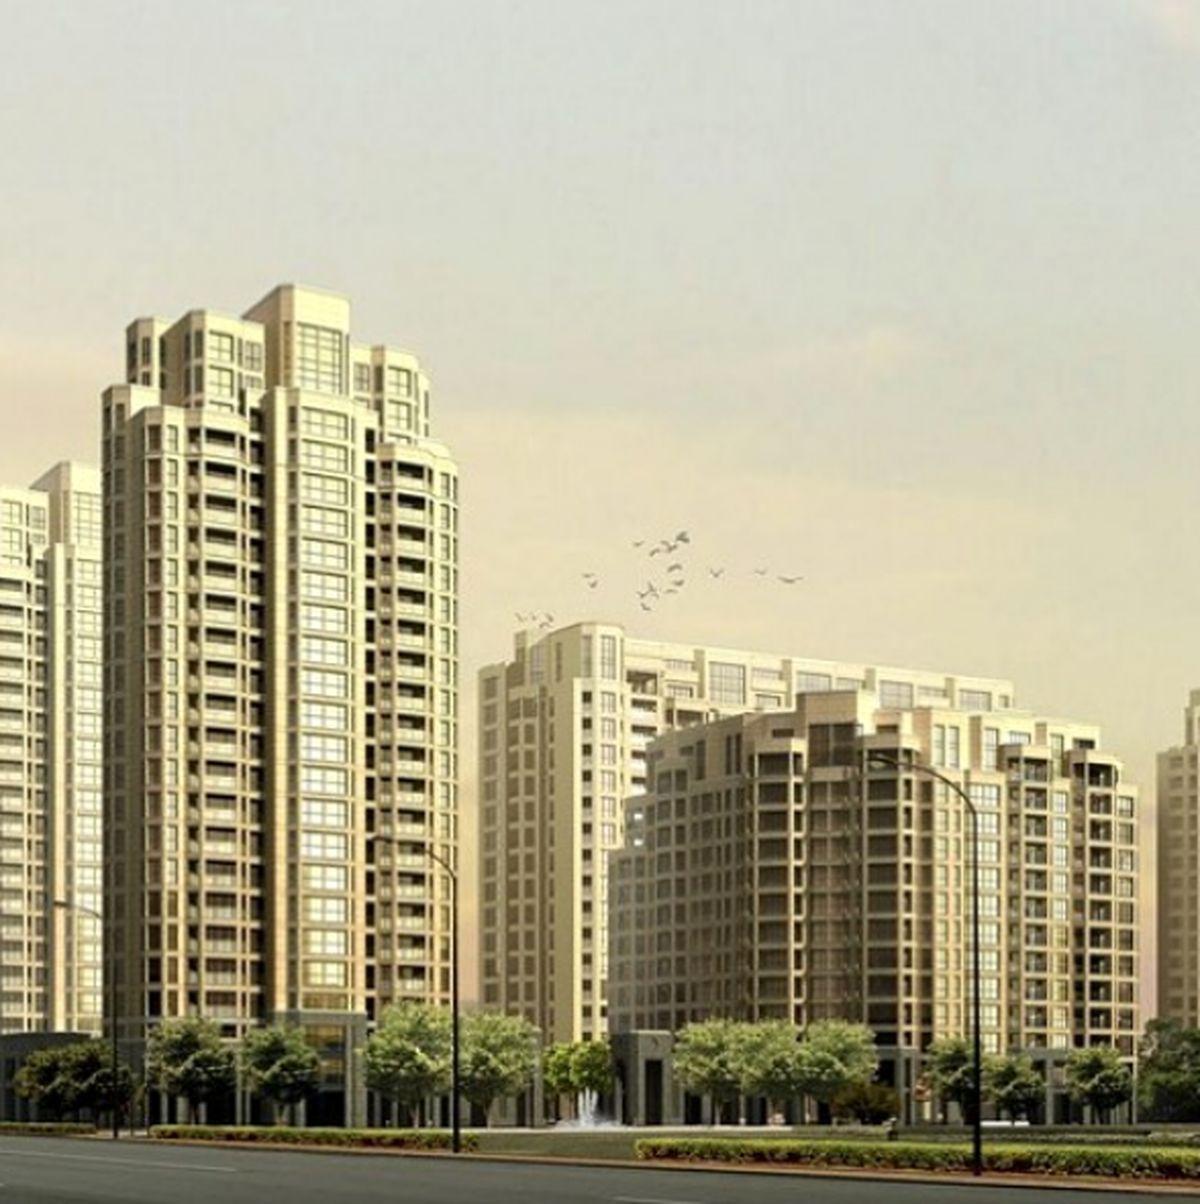 قیمت خانه در شمال تهران / ارزانترین خانه متری ۵۵ میلیون تومان + جدول